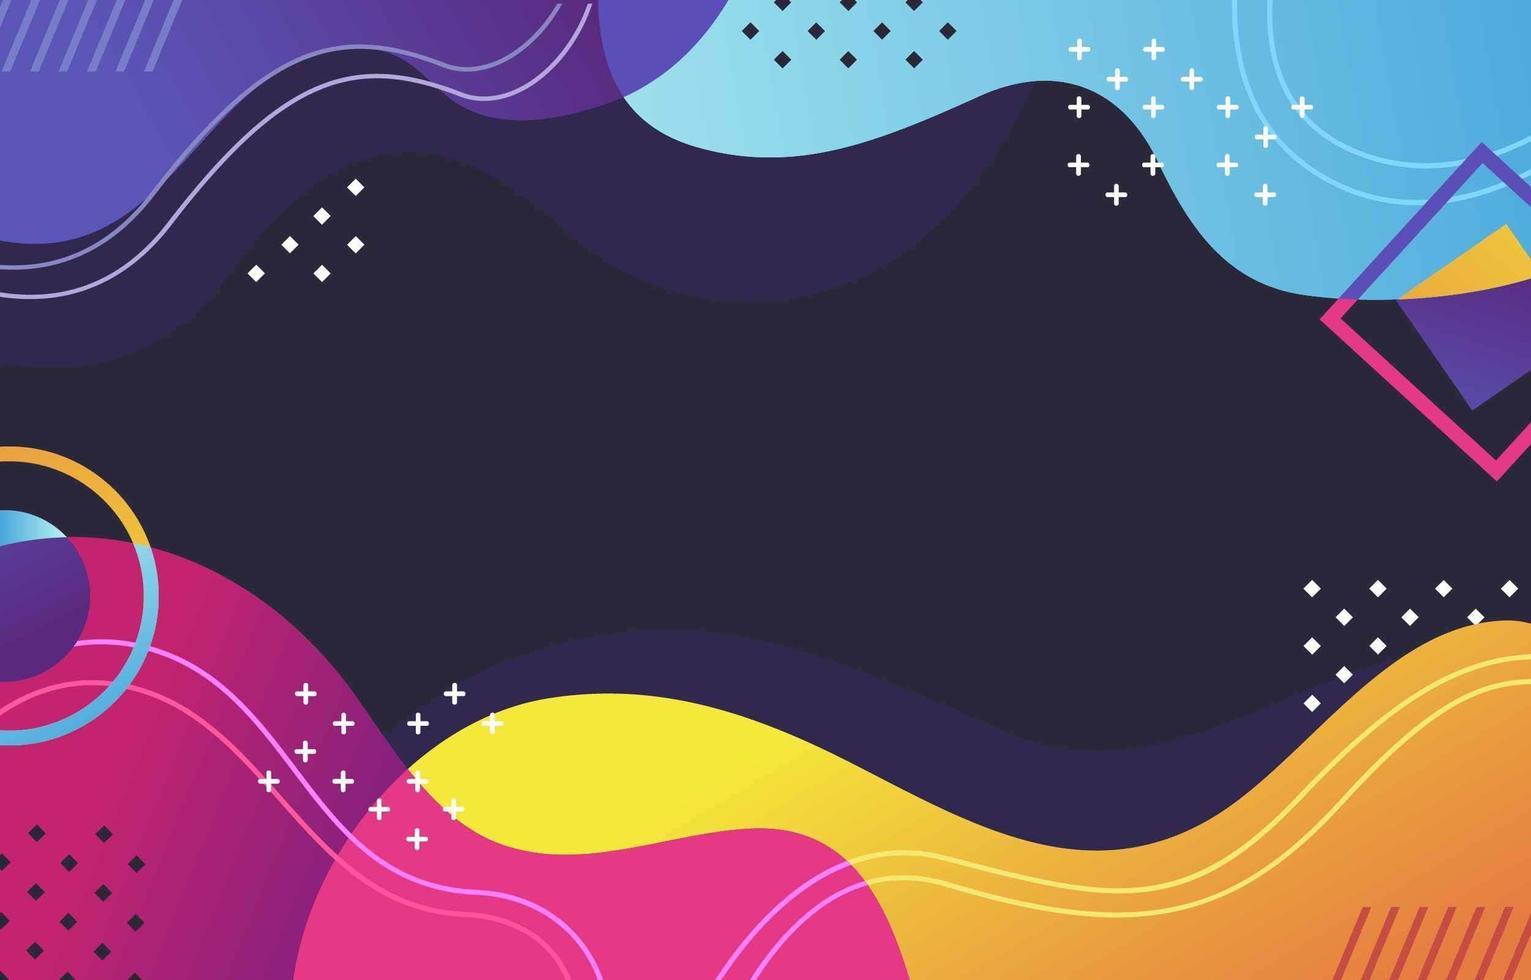 kleurrijke abstracte golf achtergrond vector